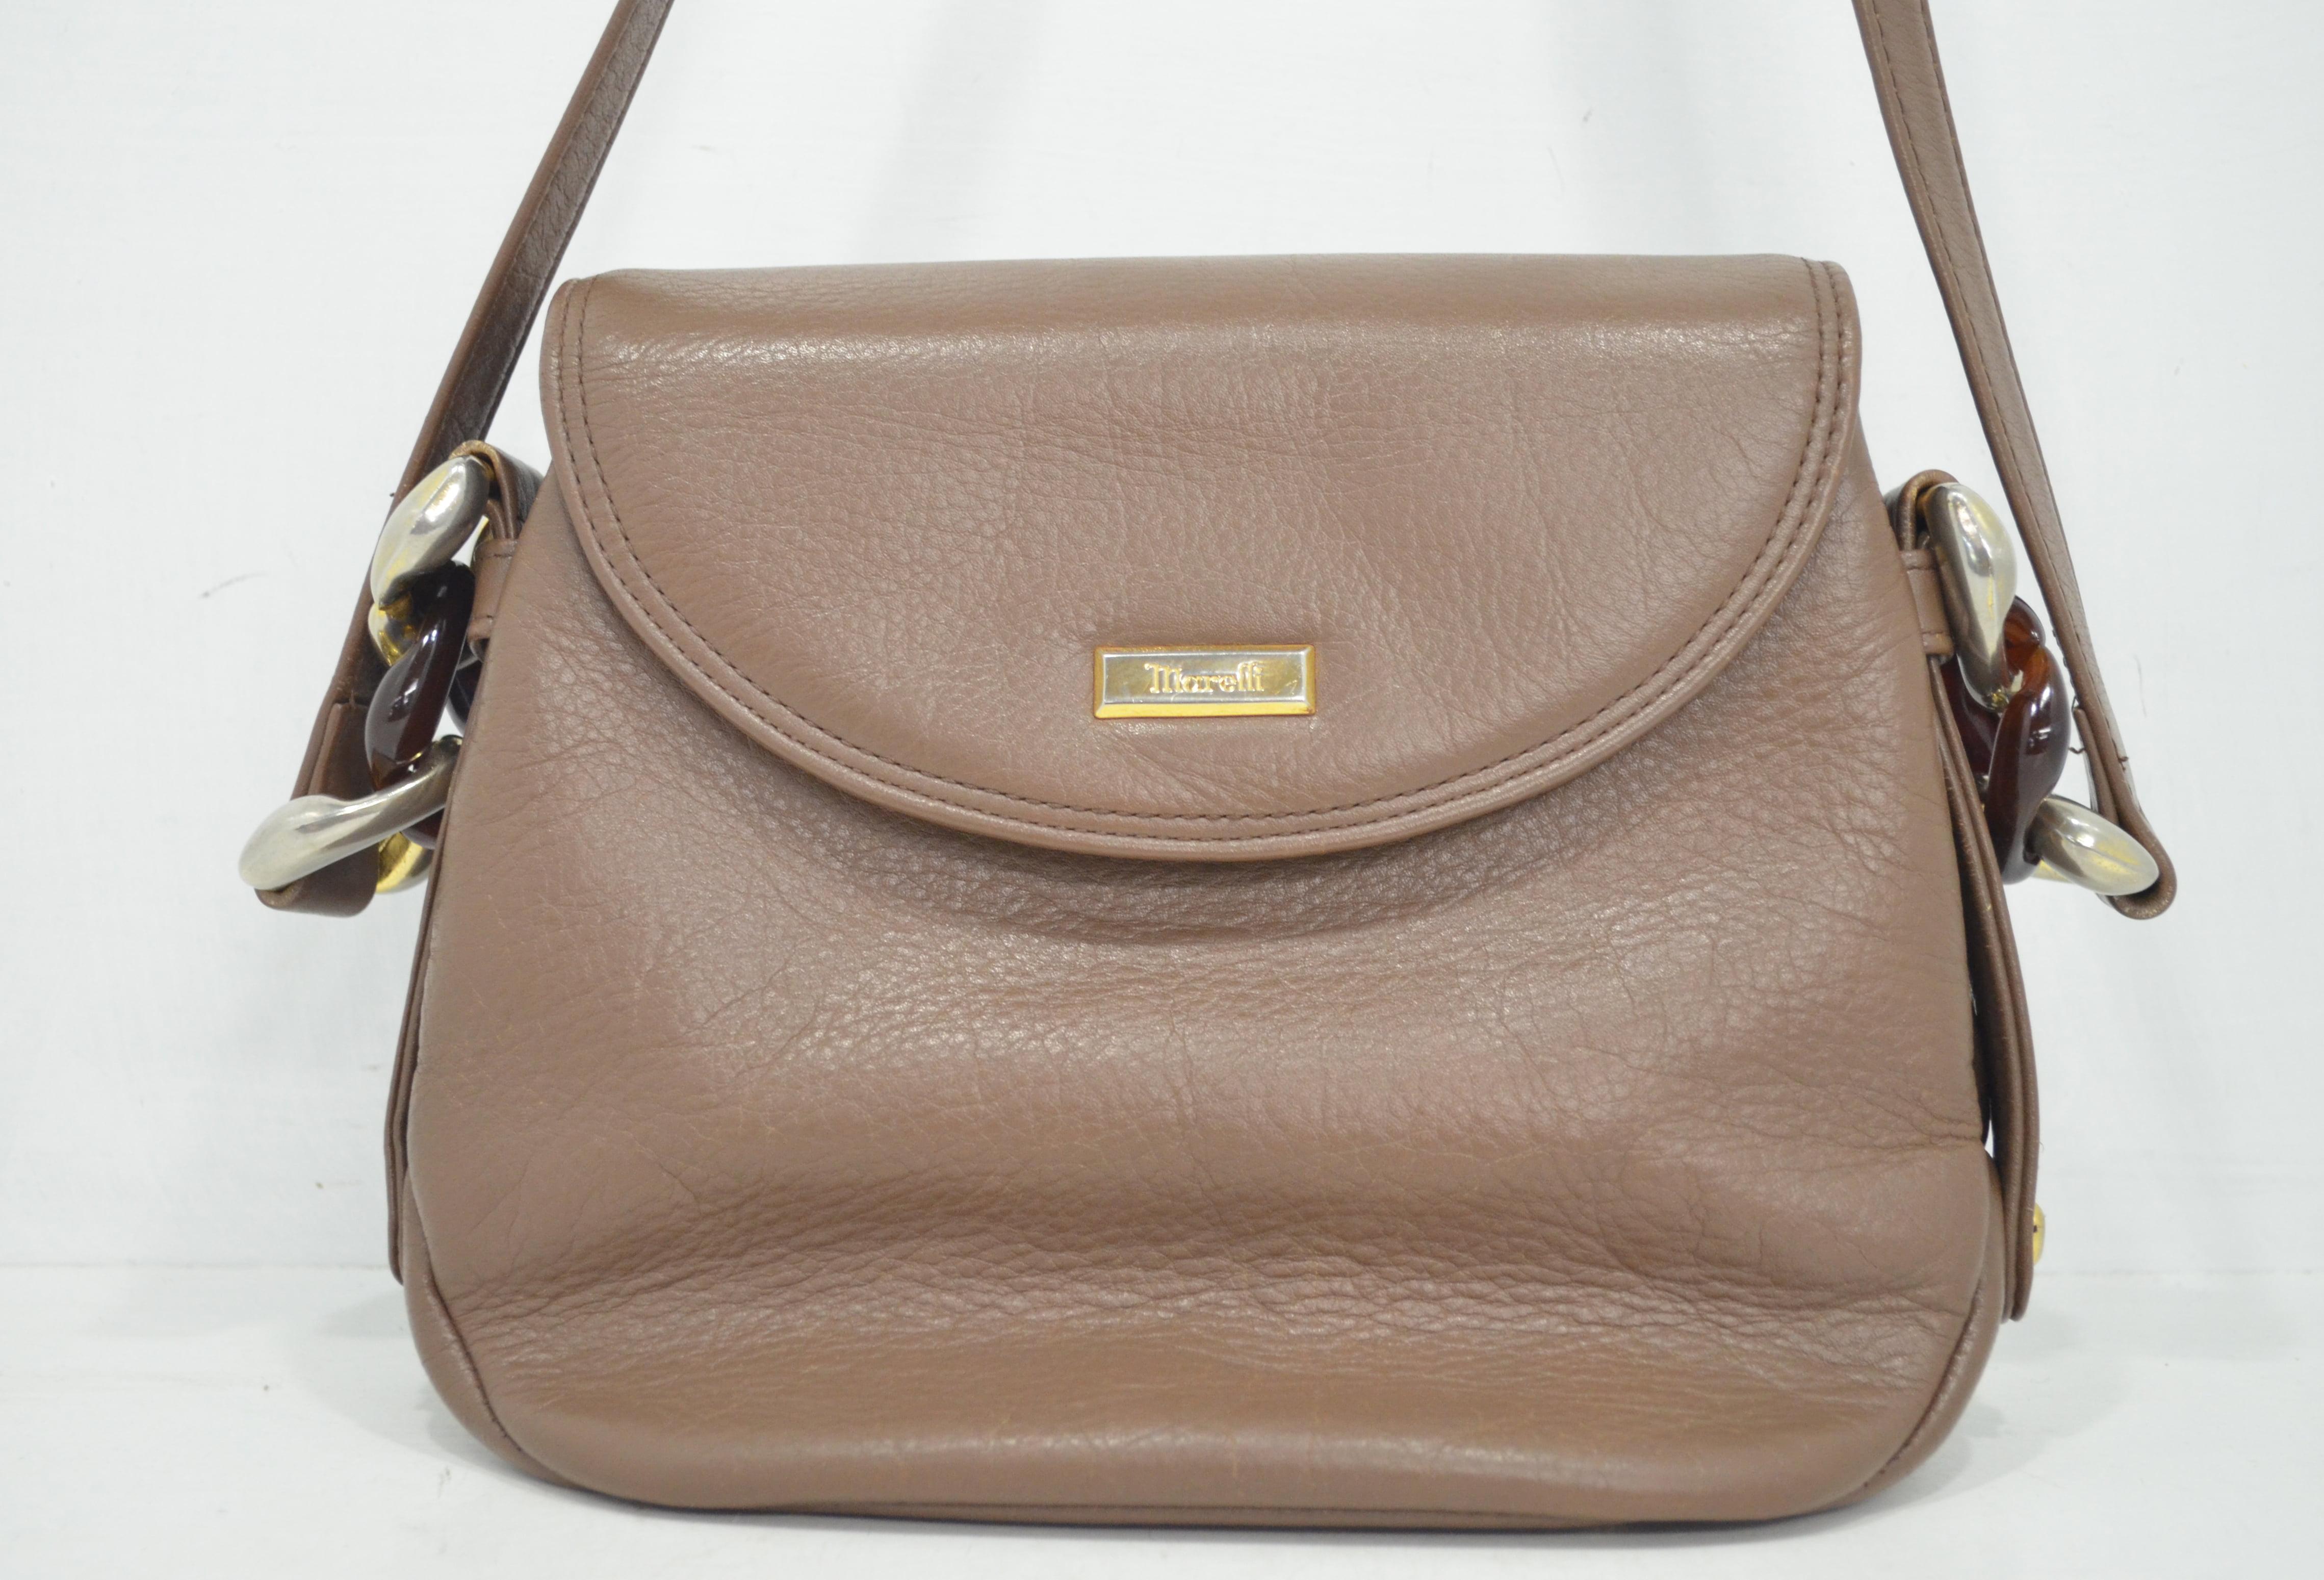 マレリーの鞄・バッグクリーニング作業例正面